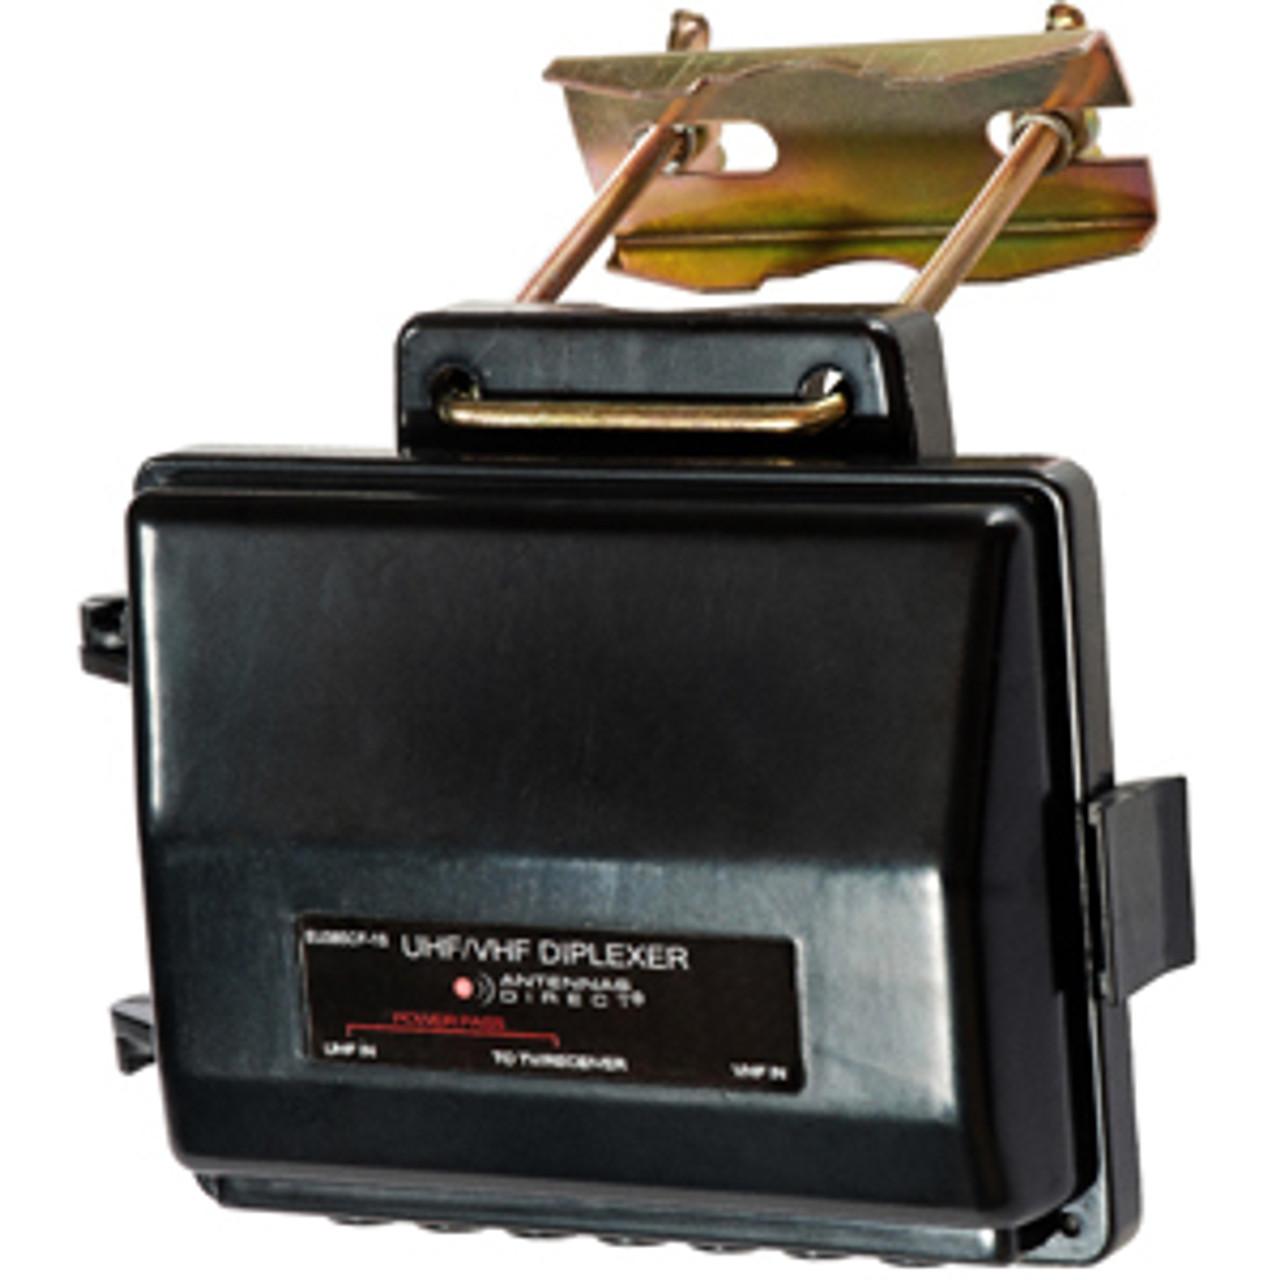 UHF / VHF Combiner